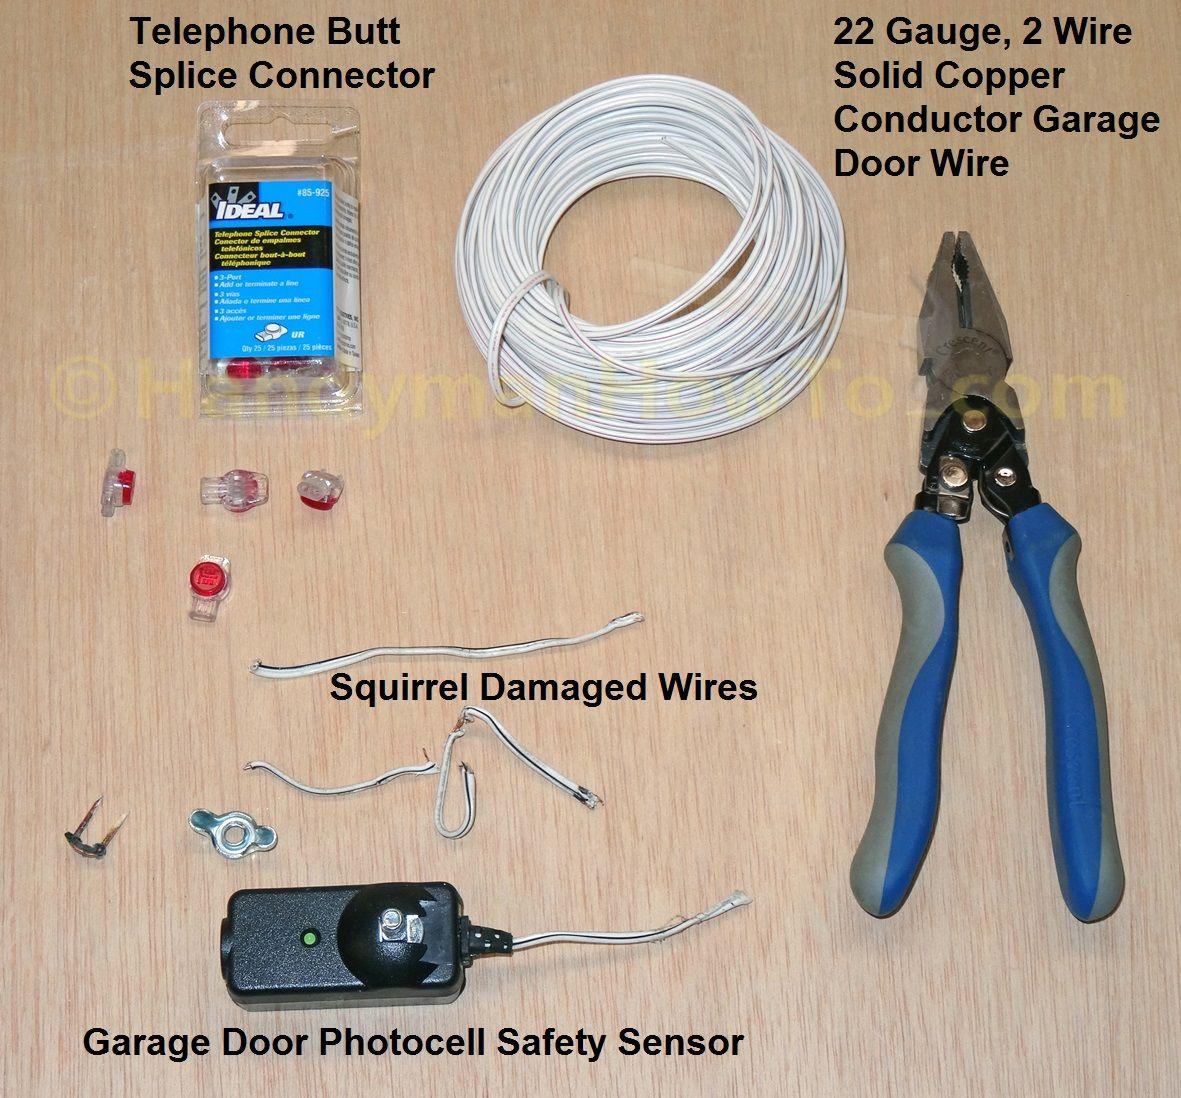 Garage door safety sensor wire repair butt splice connectors garage door safety sensor wire repair butt splice connectors rubansaba